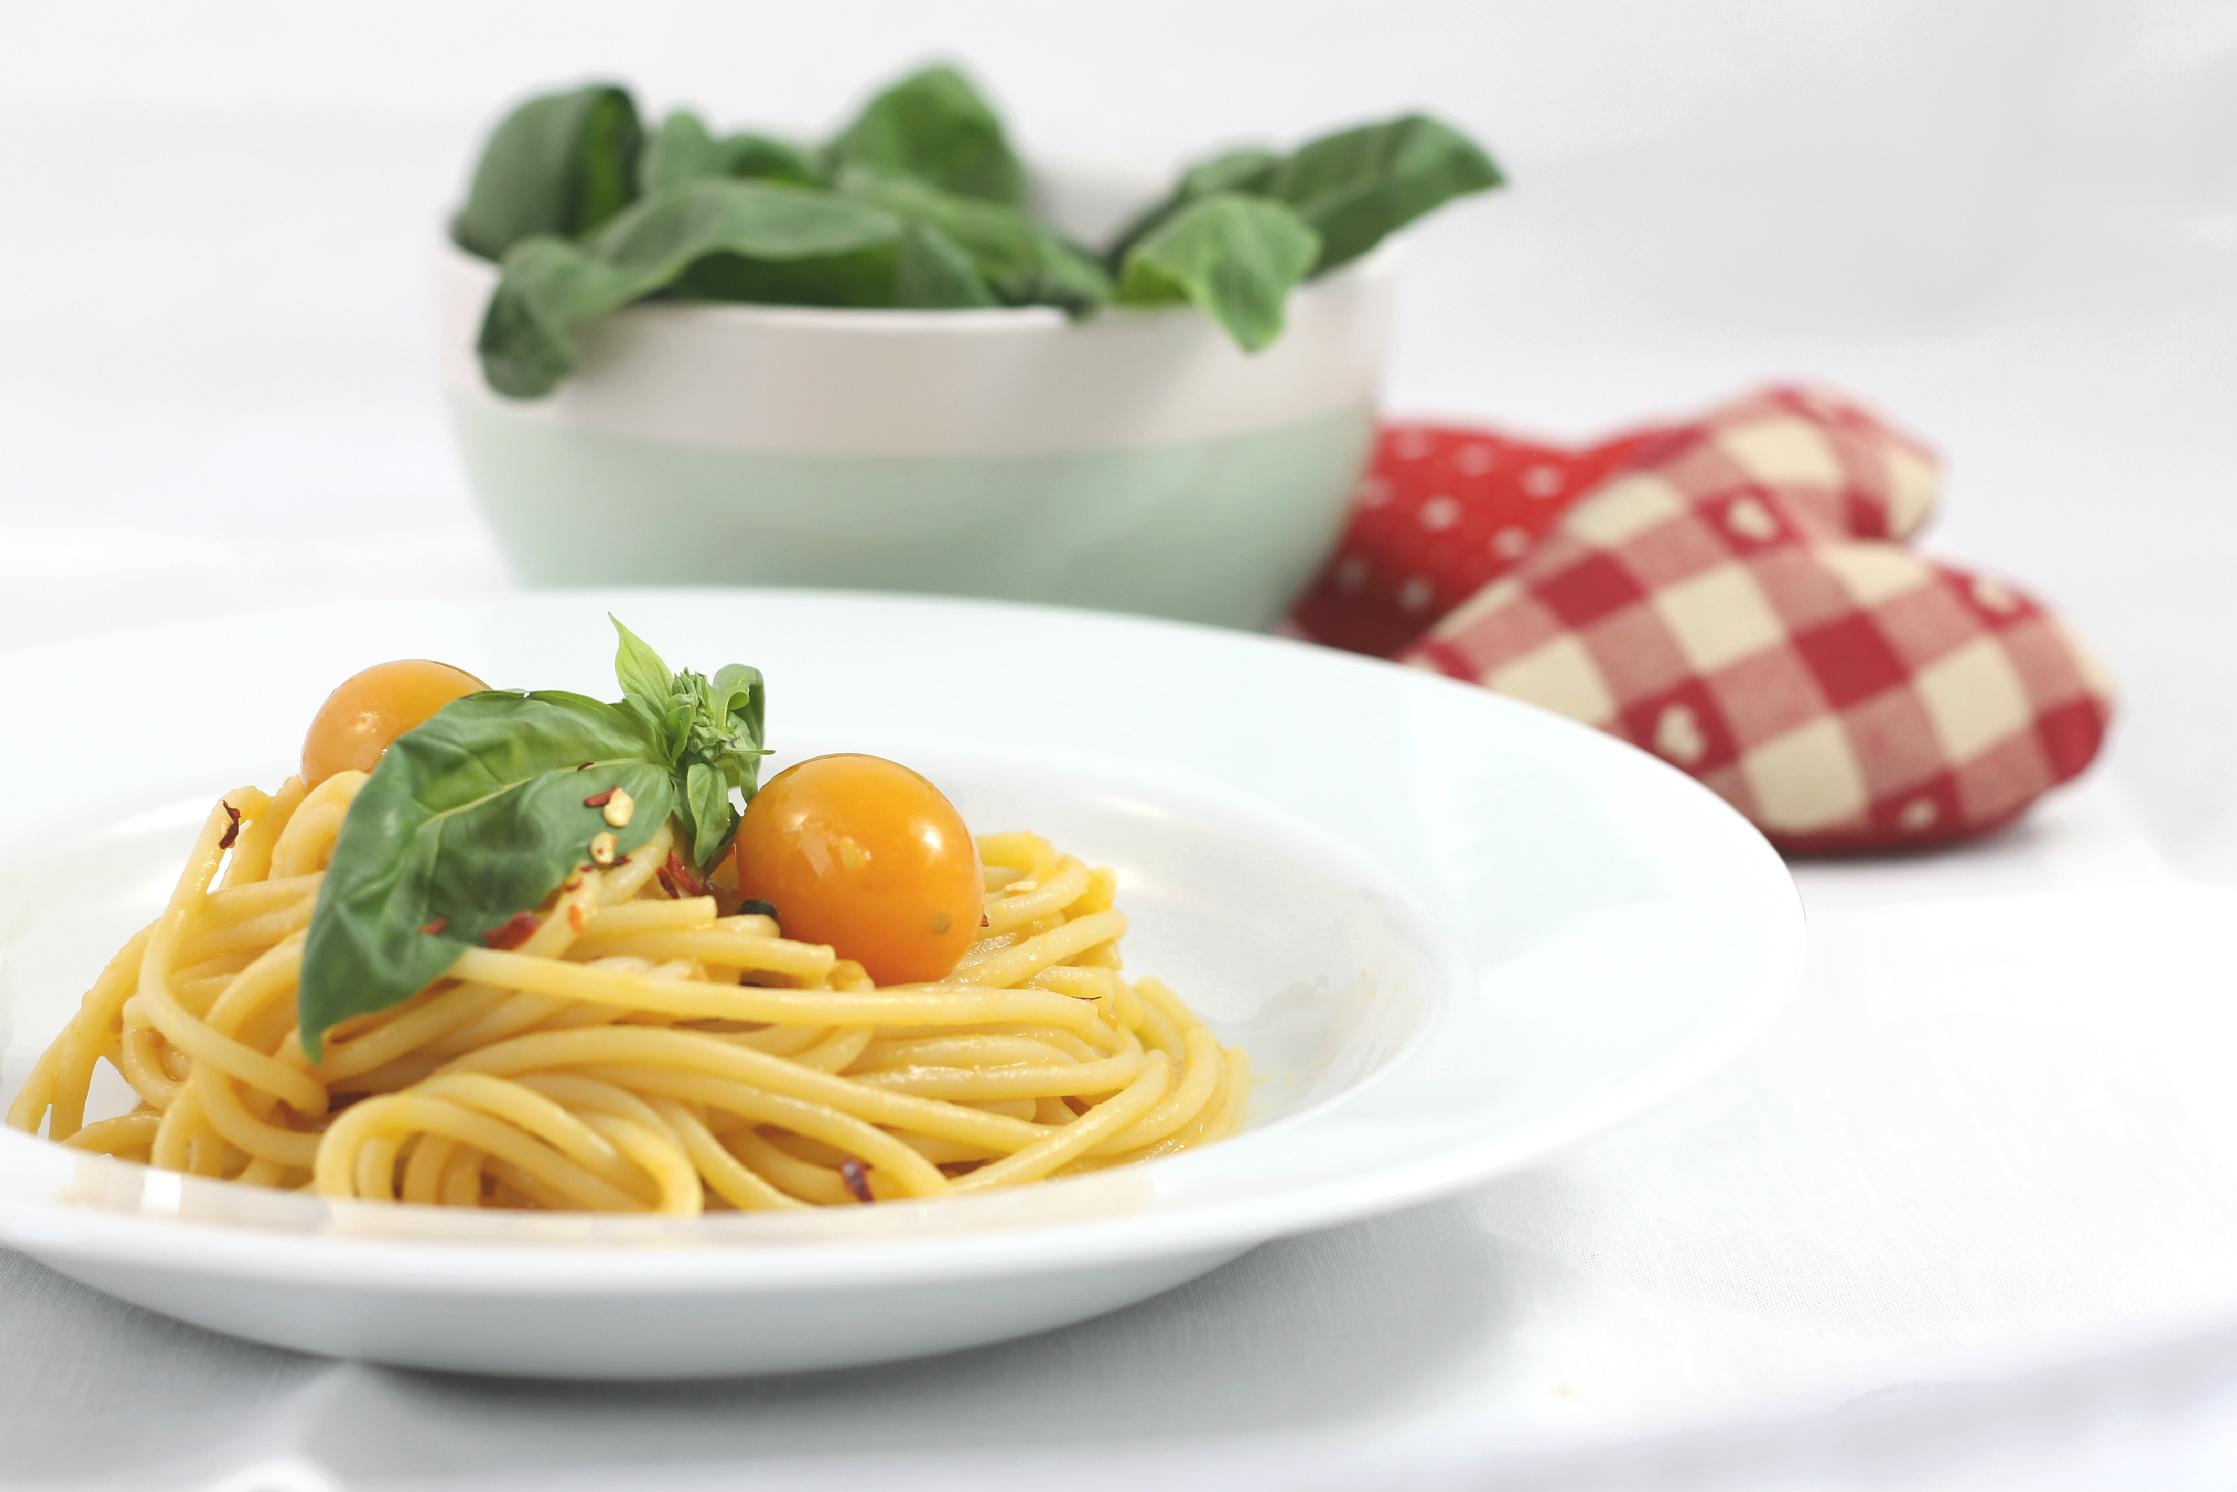 Capellini Al Forno Giada spaghetti piccanti pomodorini gialli e limone   eatitmilano